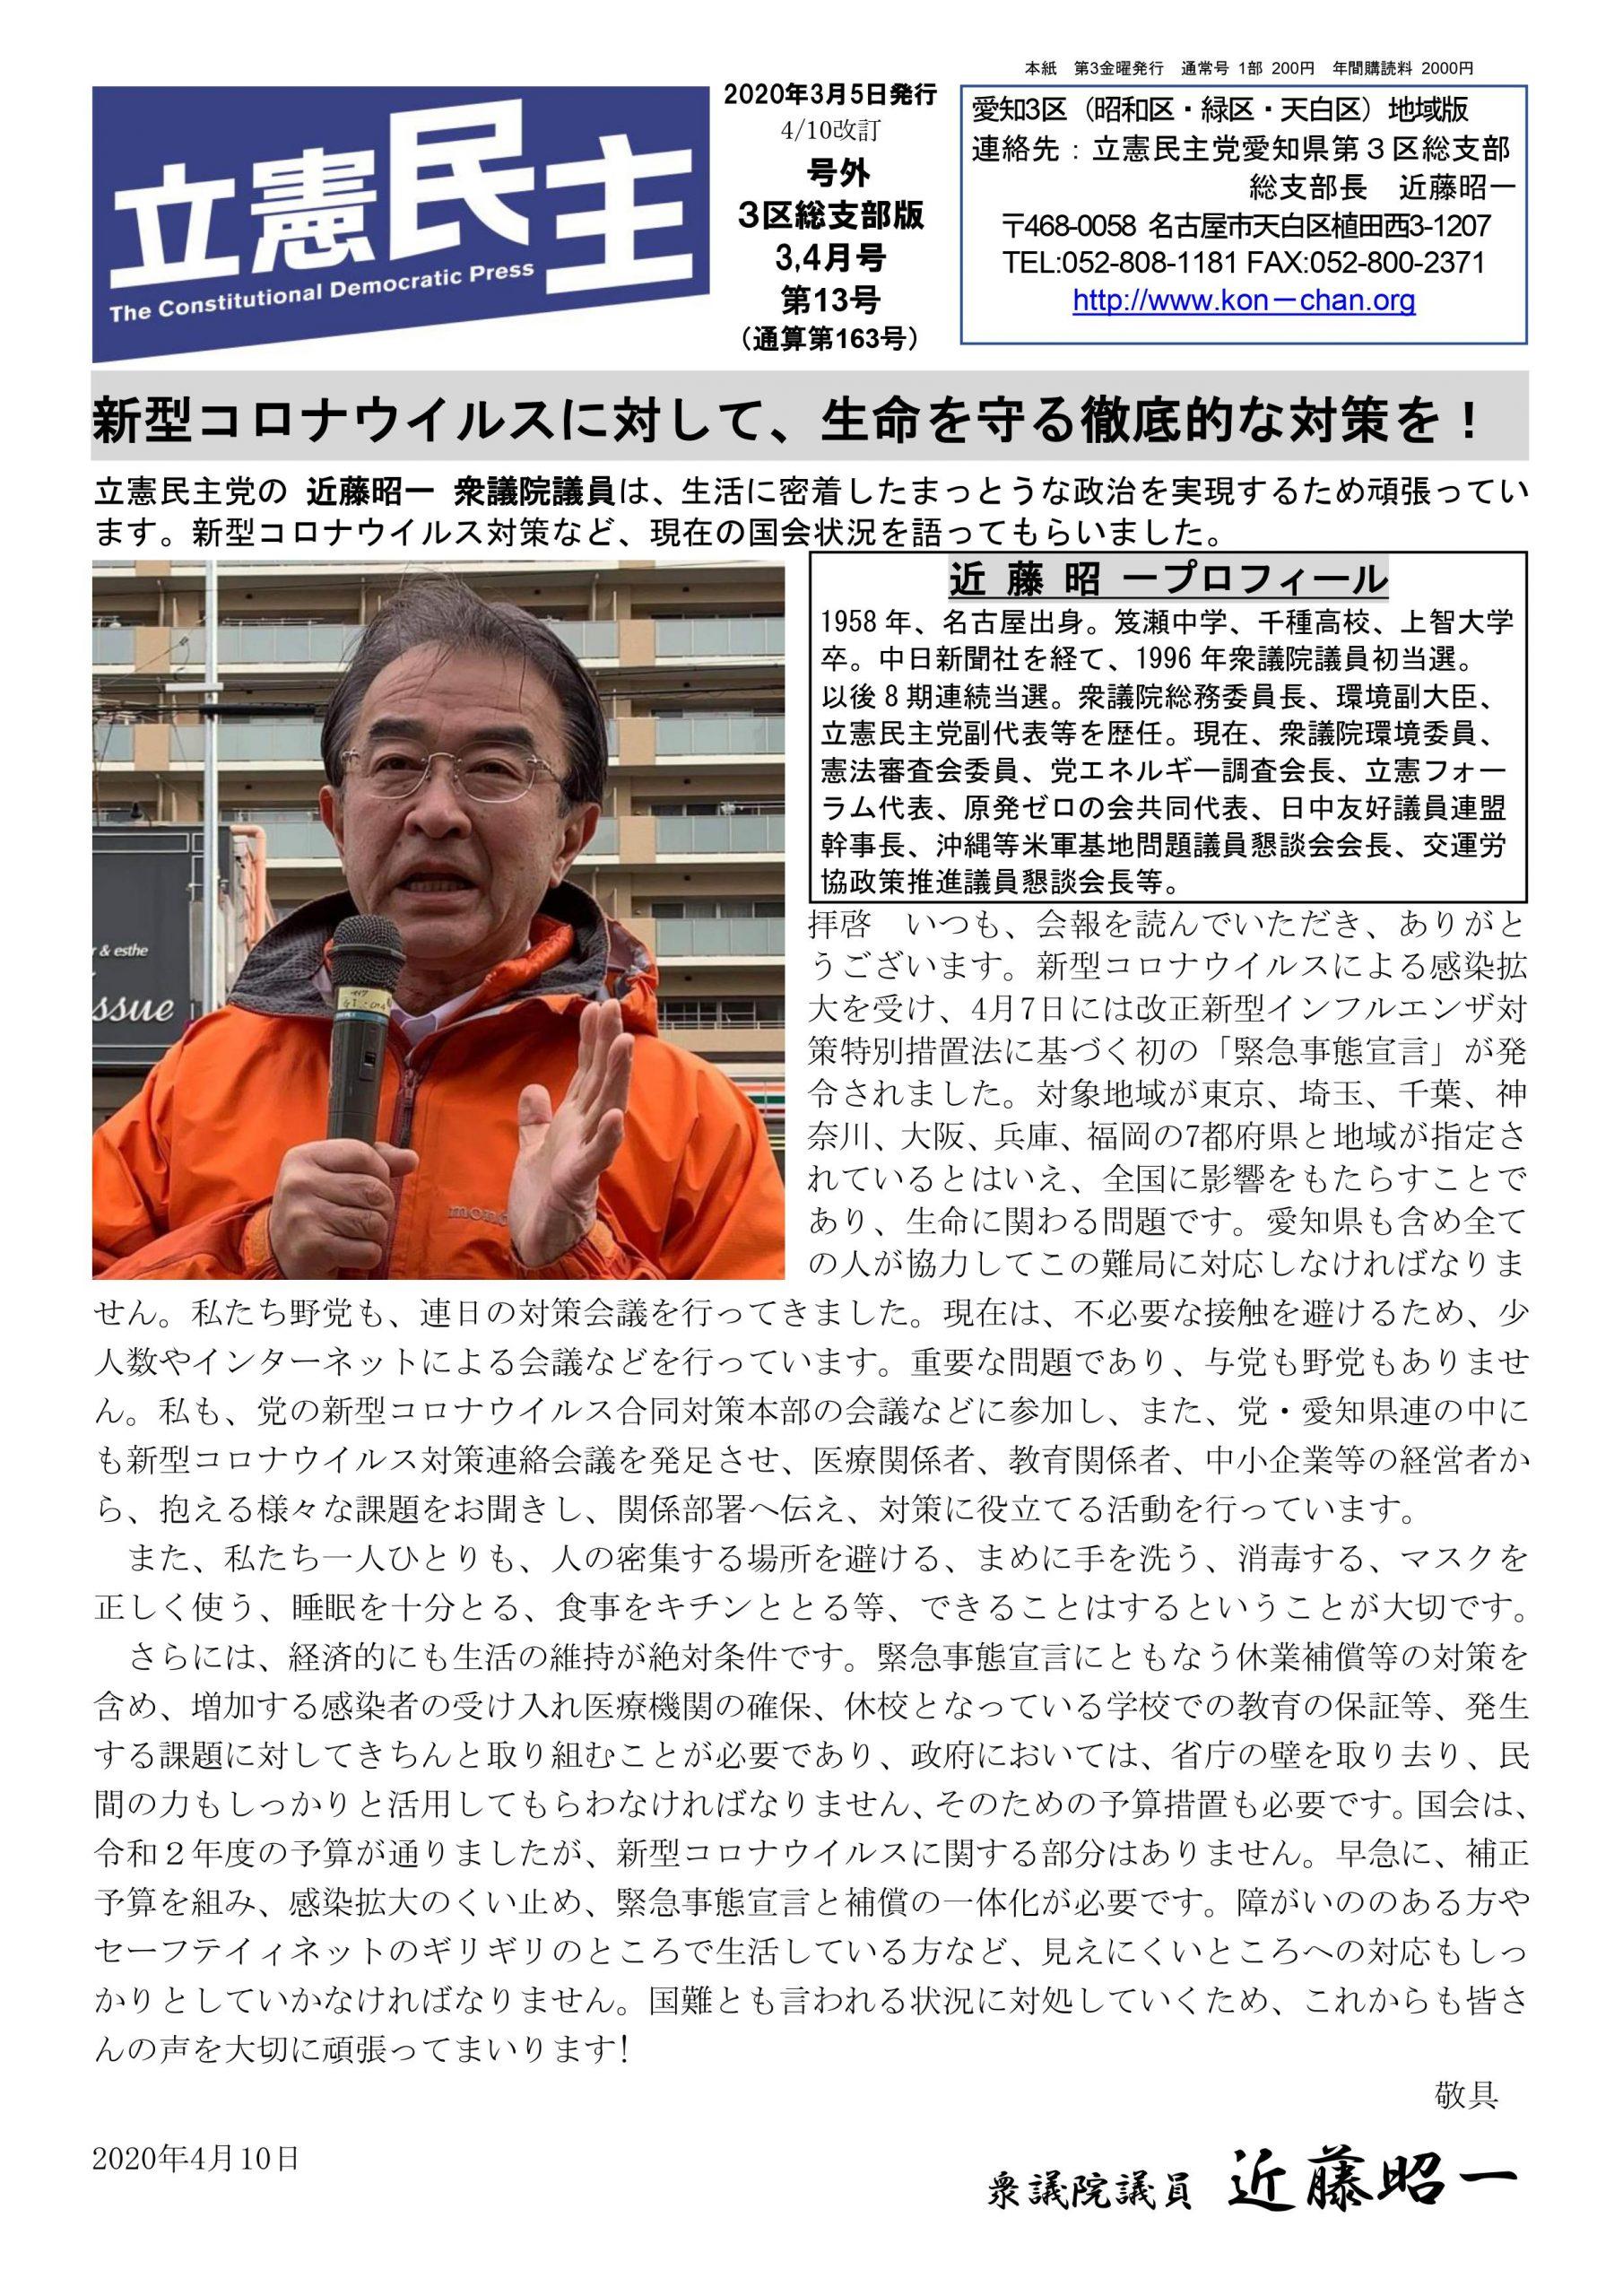 立憲民主党機関紙 号外 愛知県第3区総支部版(改訂4月10日 ...